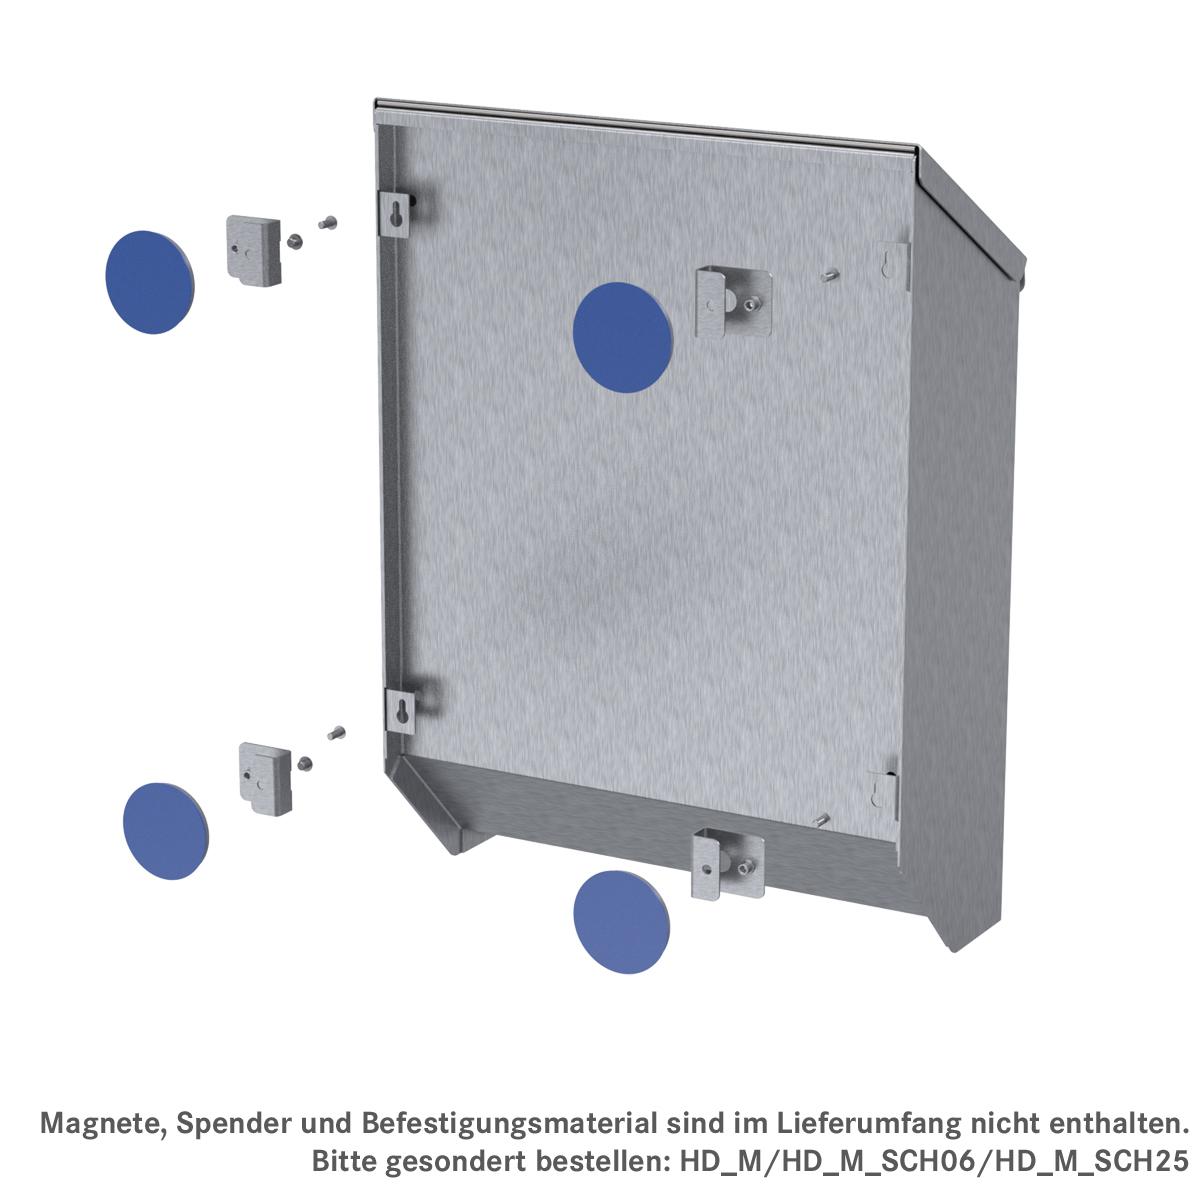 Adapter-Set für Sailer Spendersystem EWSP, ArtNr.: HD_M_AS_EWSP